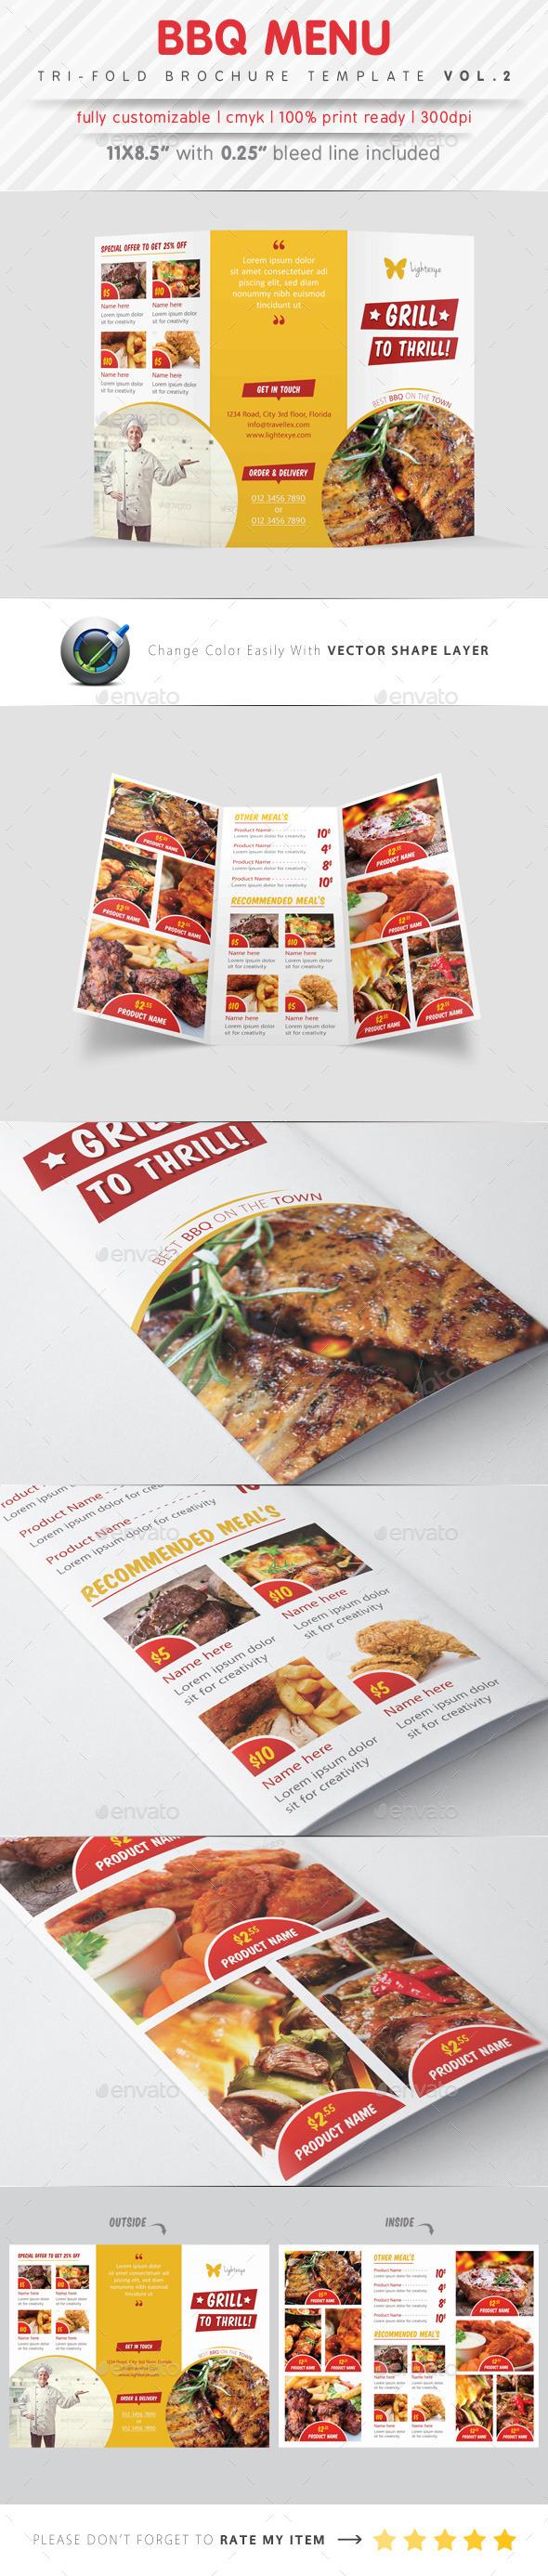 BBQ Menu Tri Fold Template - Food Menus Print Templates